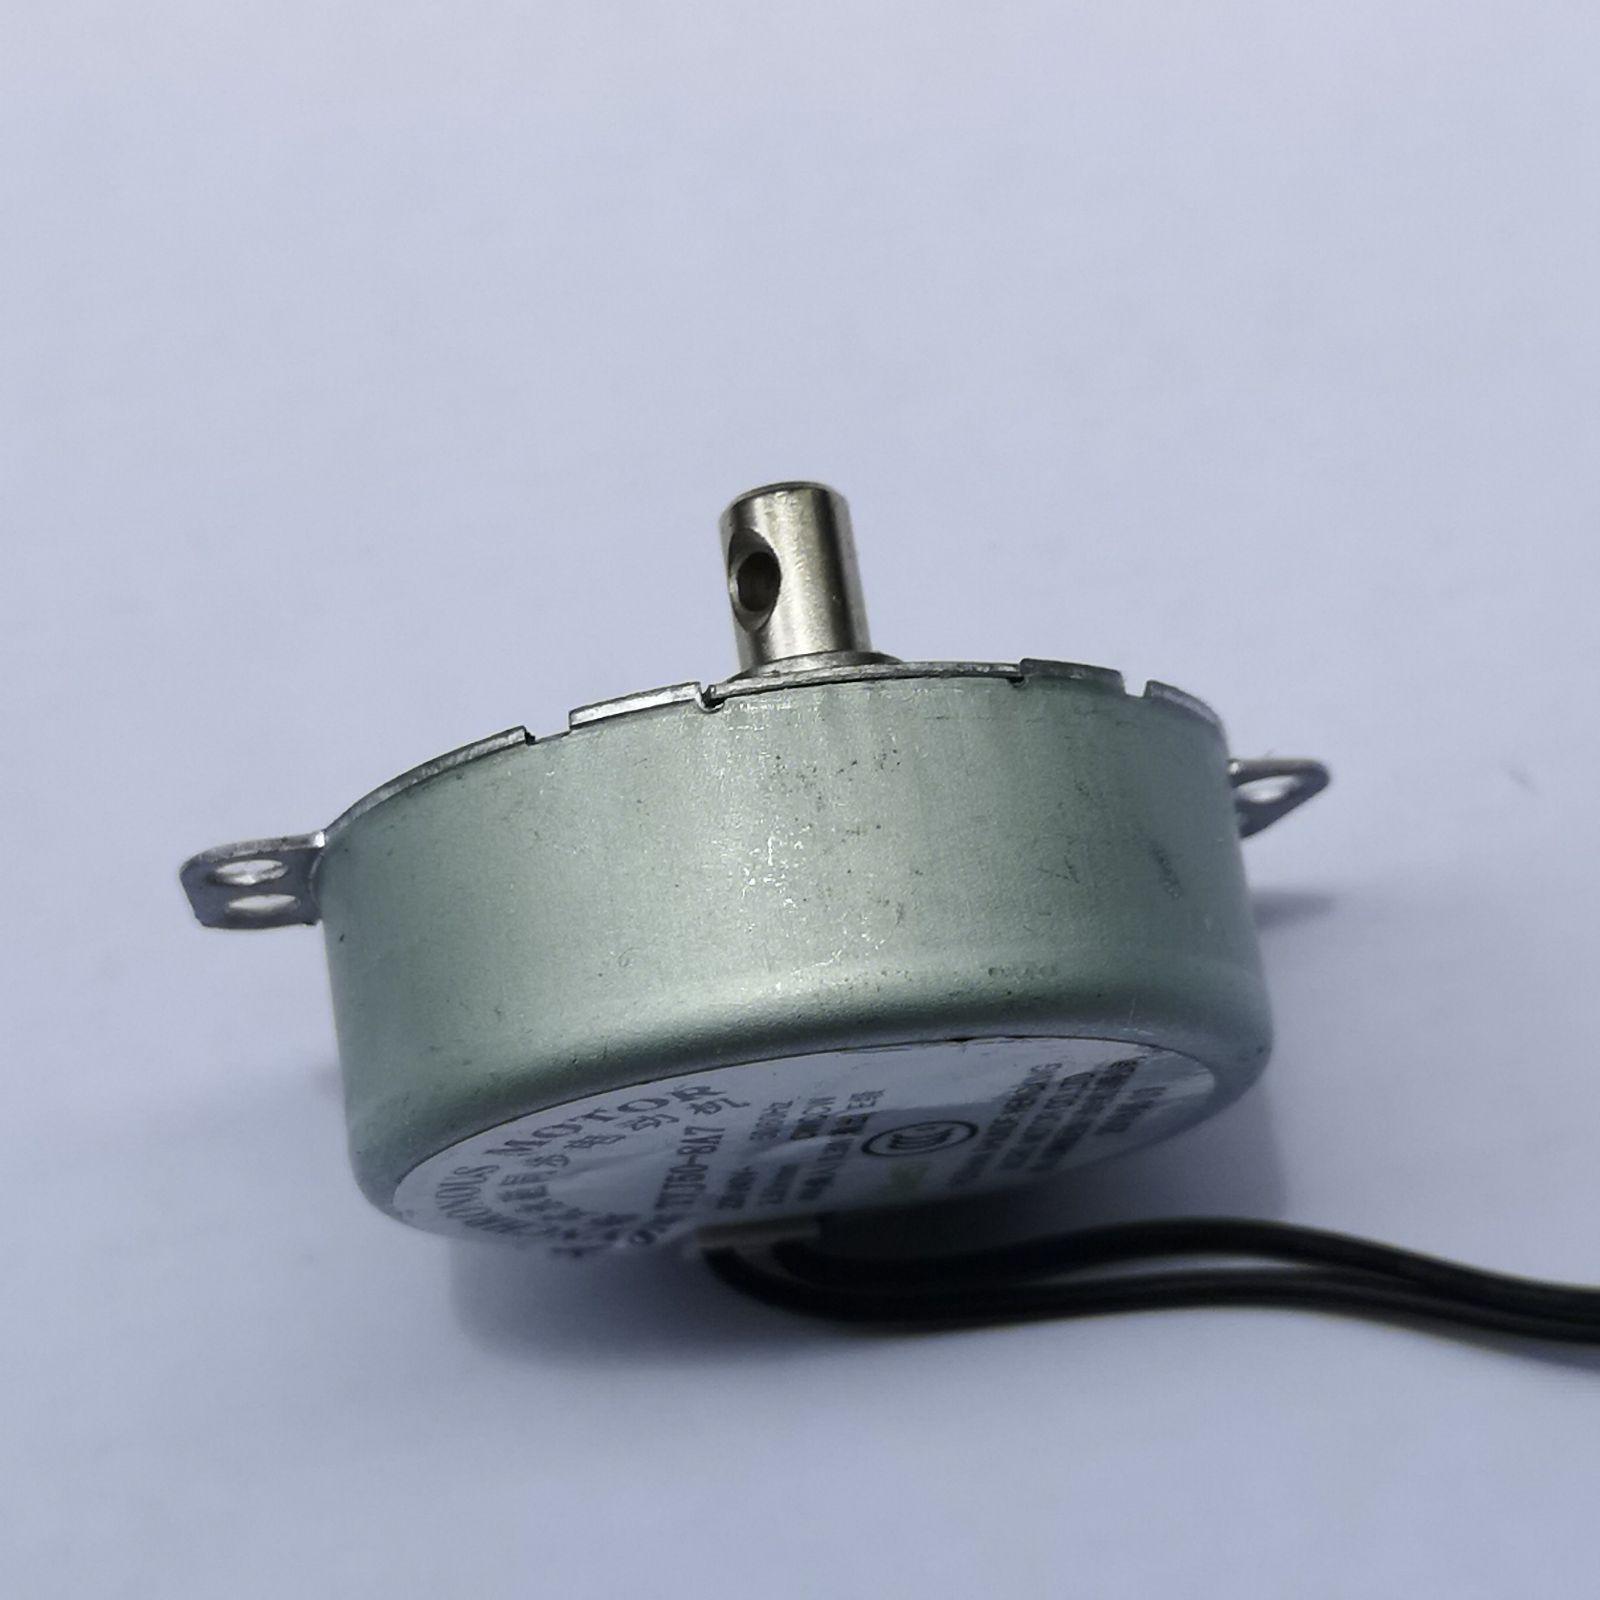 艾美特电风扇配件落地扇TYJ50-8A7摇头电机同步电机原厂正品包邮